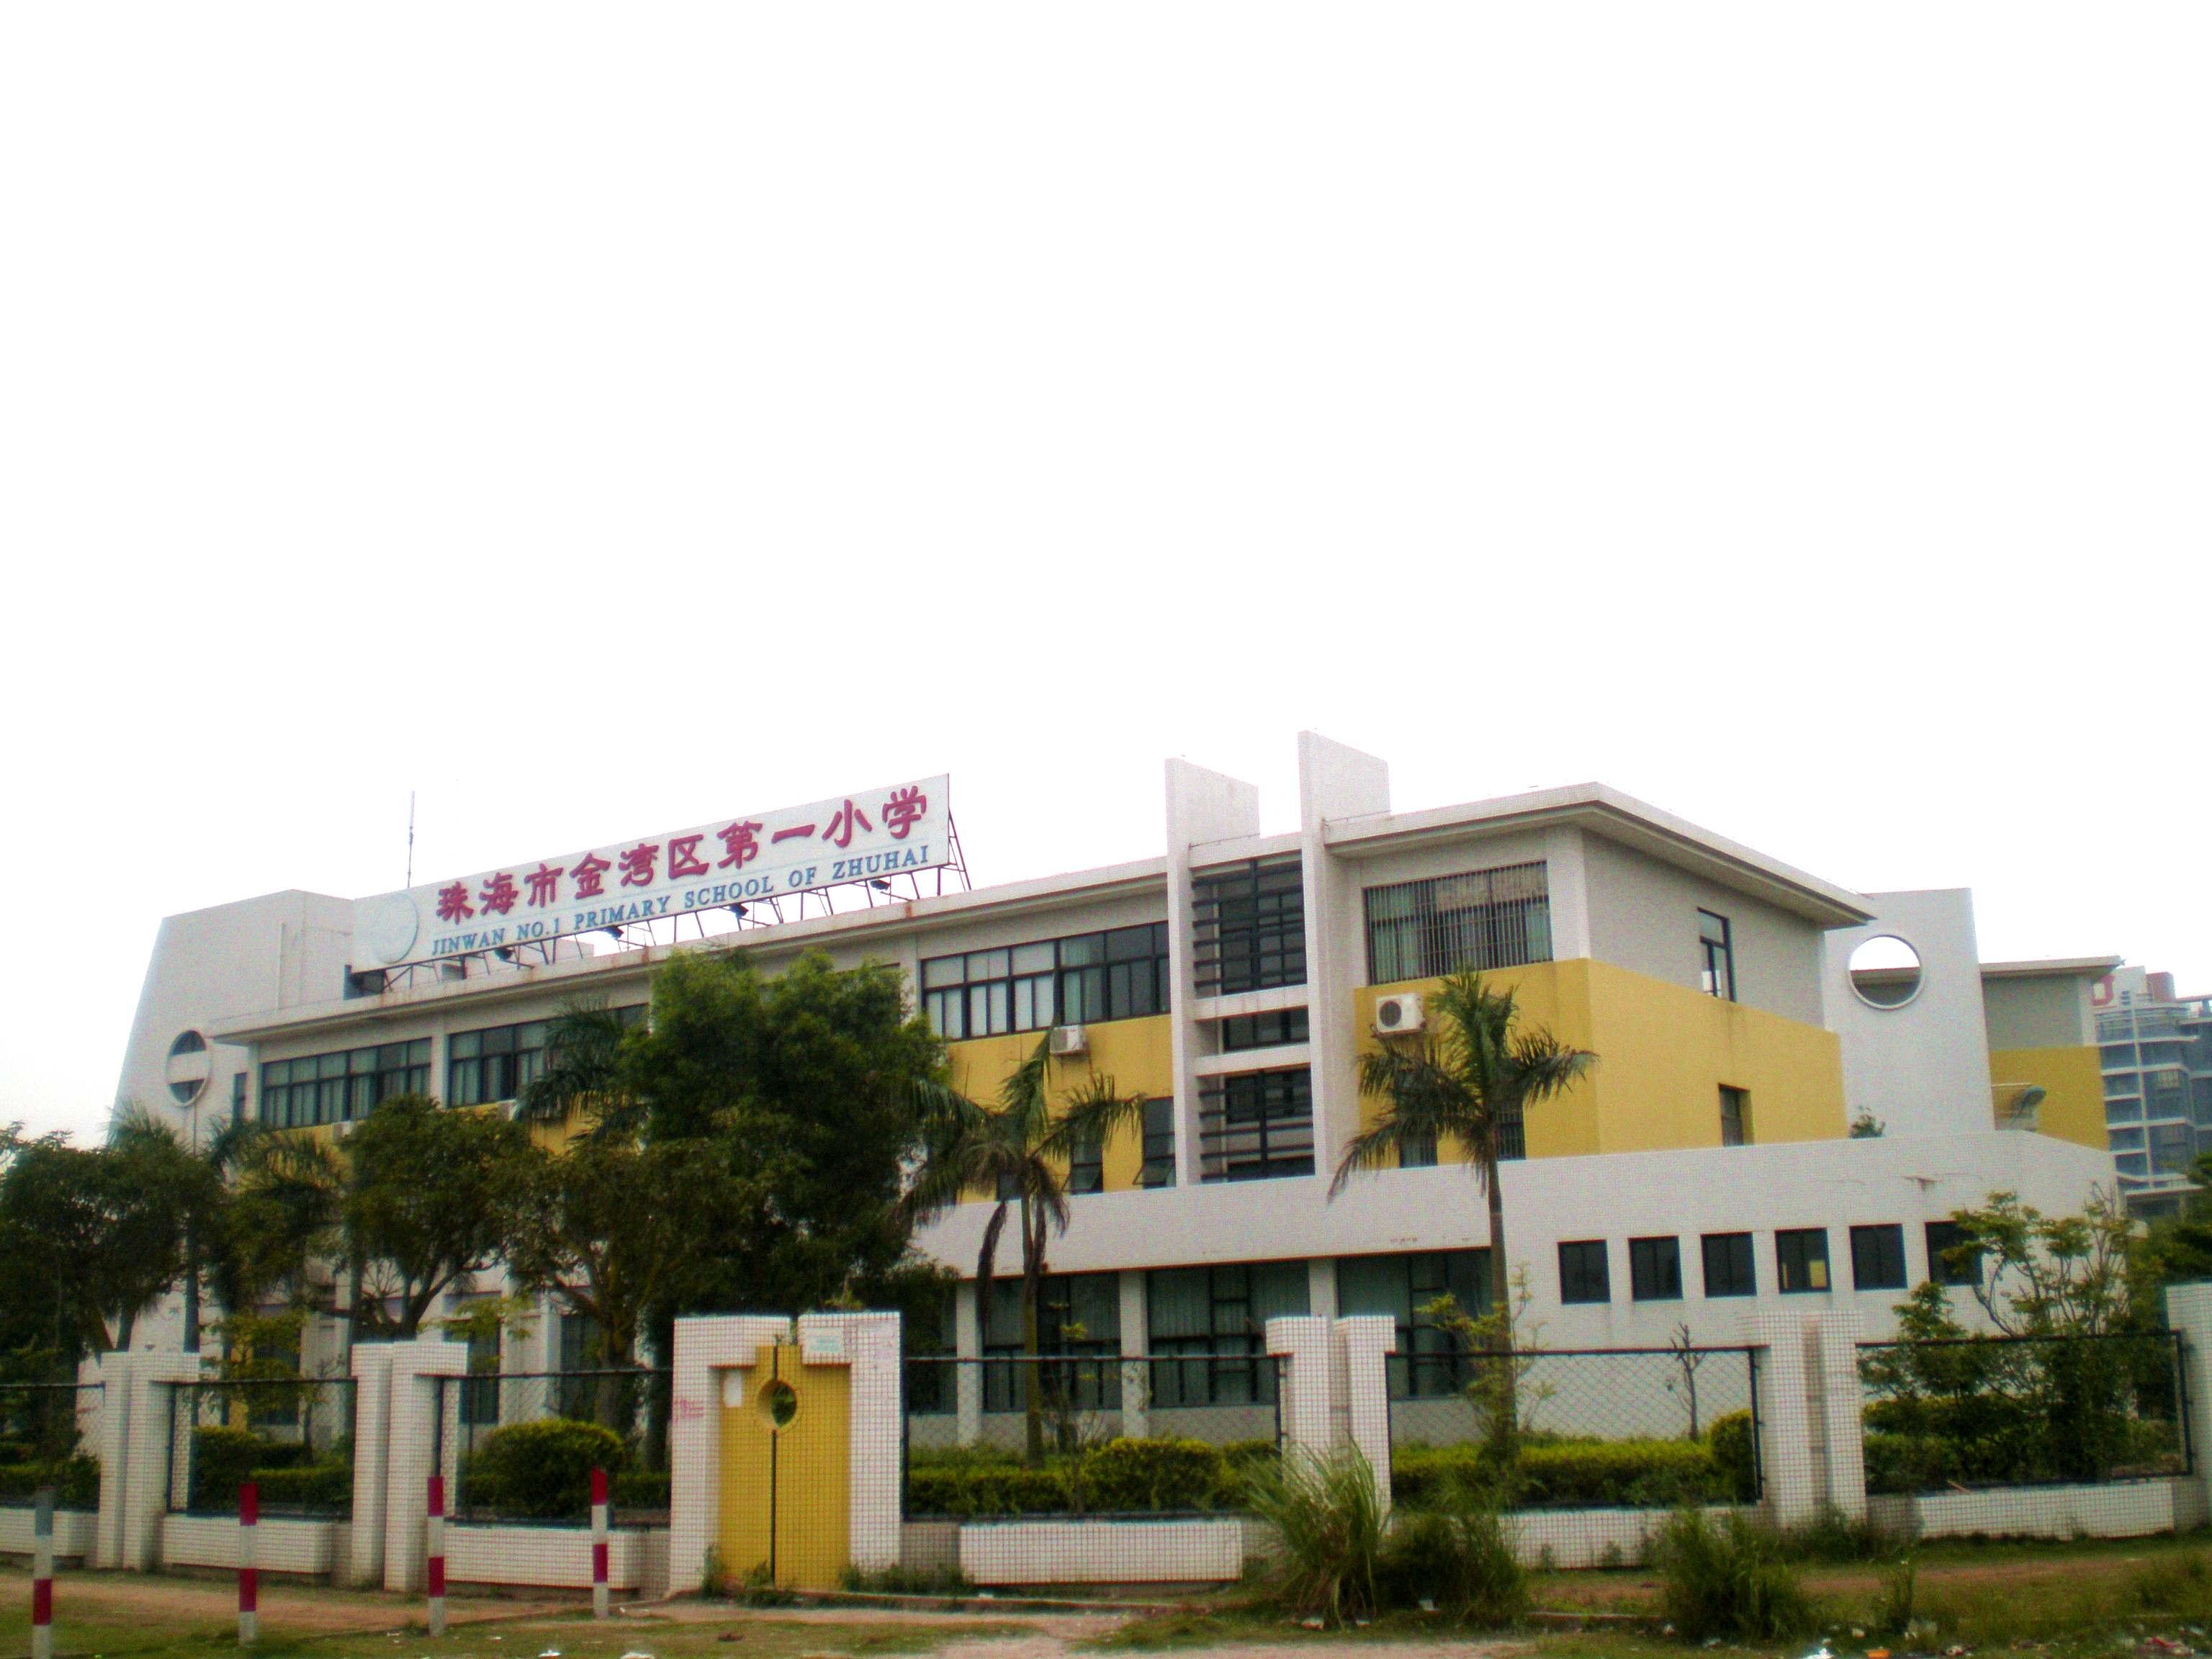 珠海市金湾区第一小学教学楼